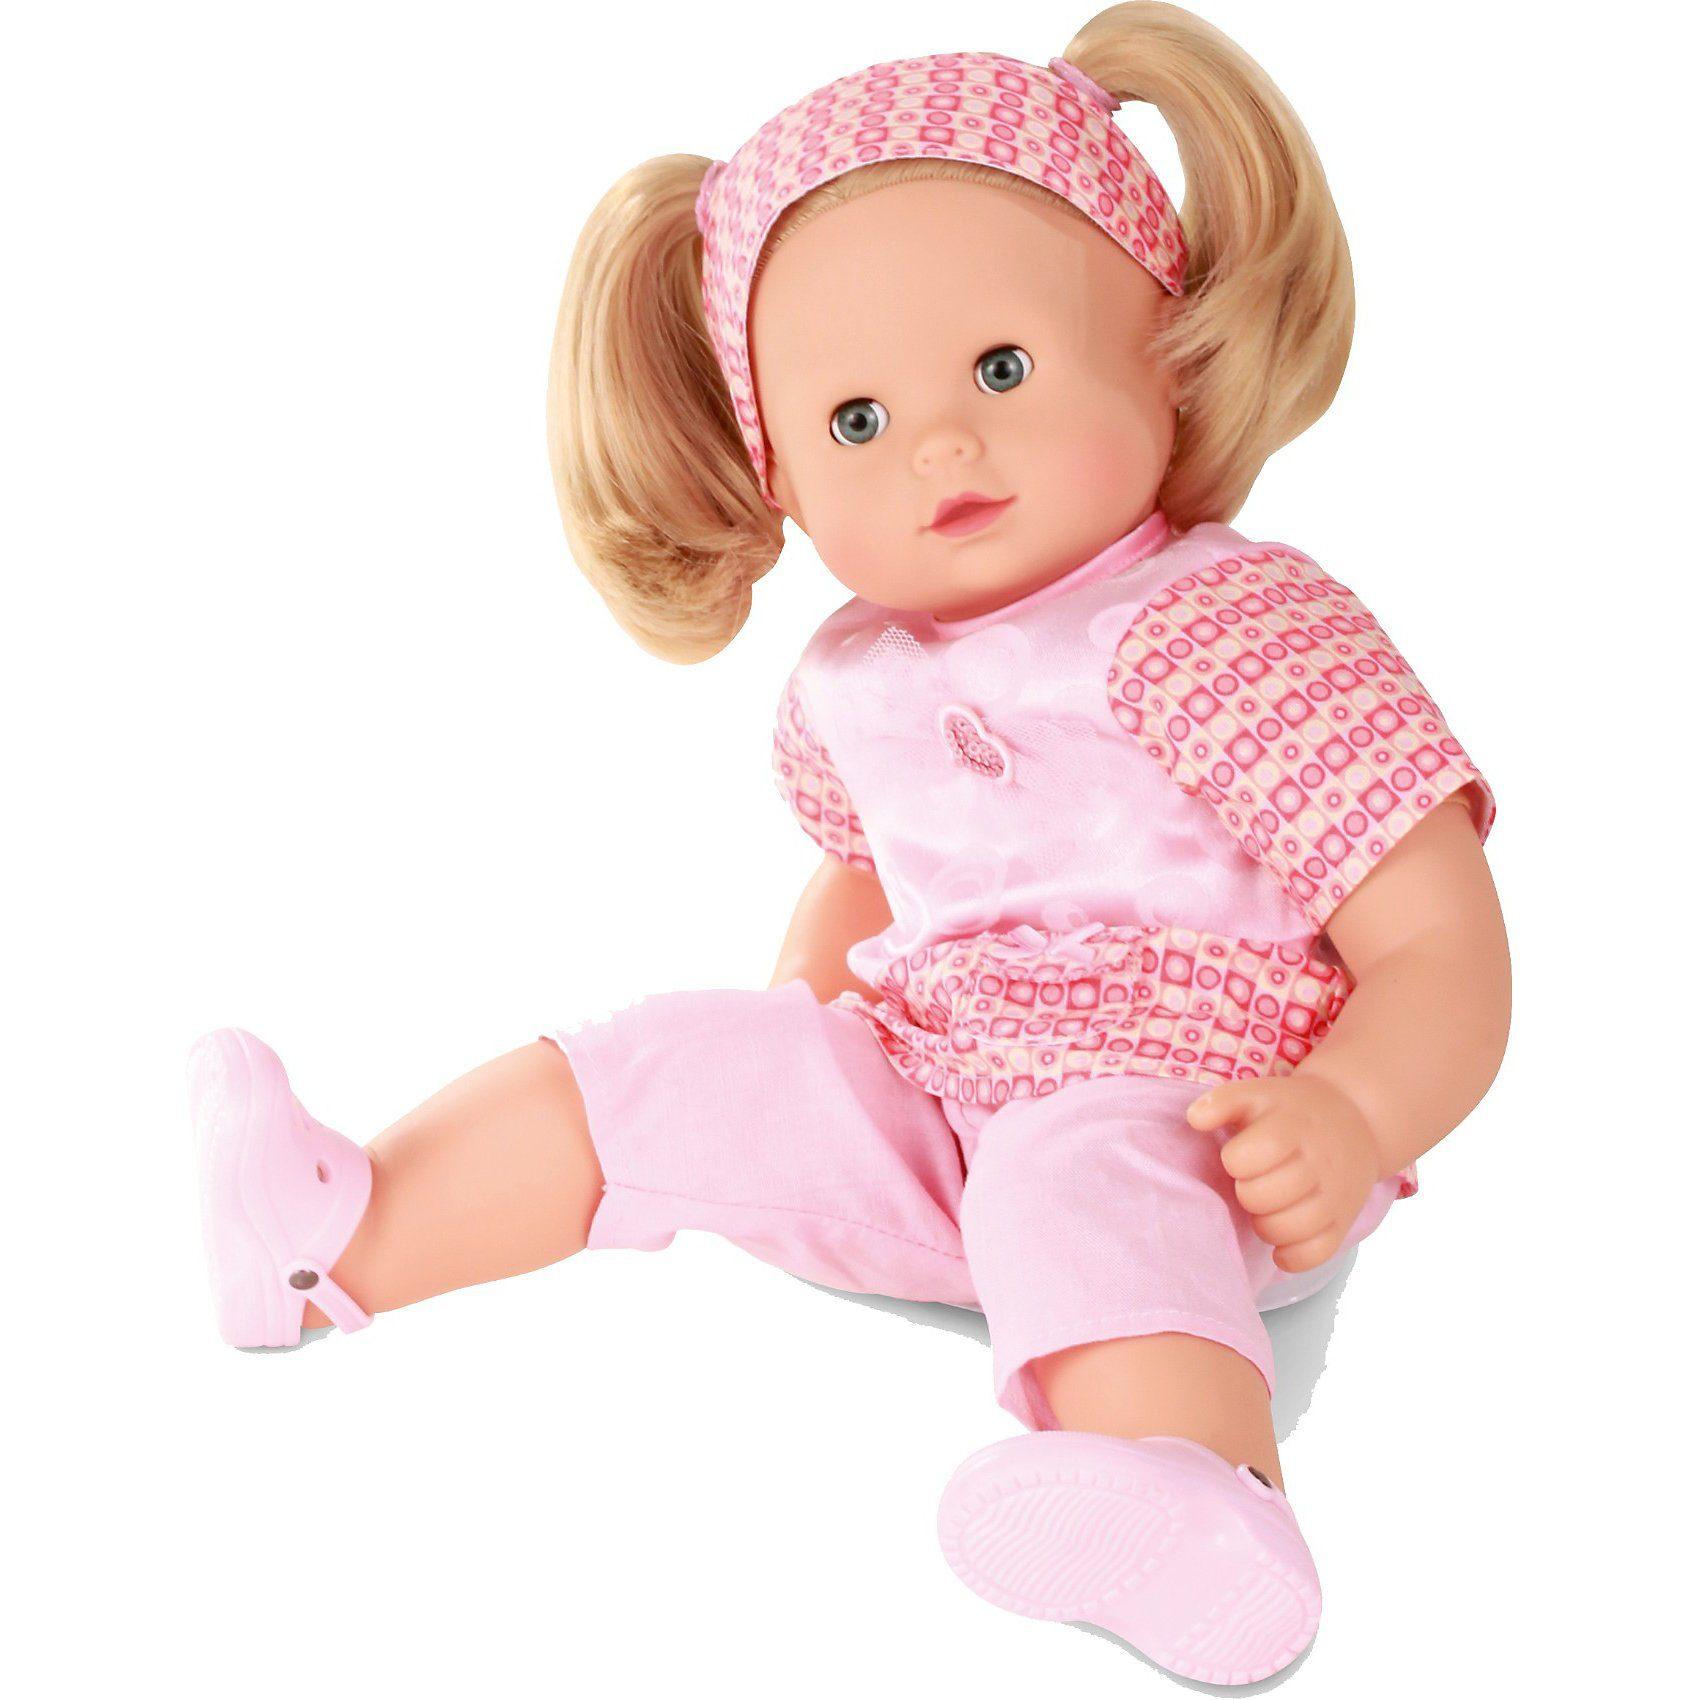 Götz Maxy Muffin, mit Haarbürste, blonde Haare 42cm